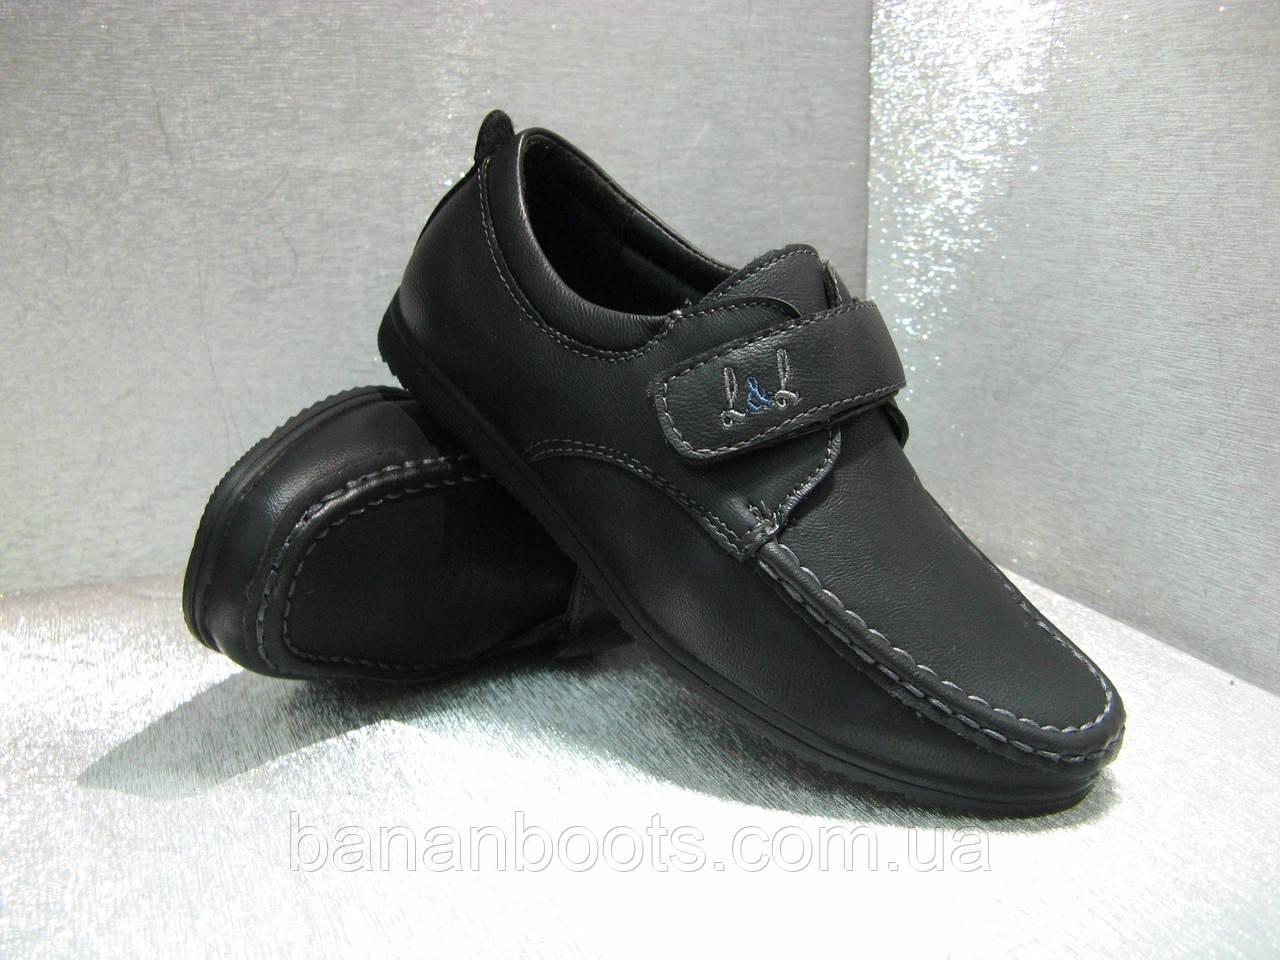 Туфли, мокасины чёрные на мальчика 27р.